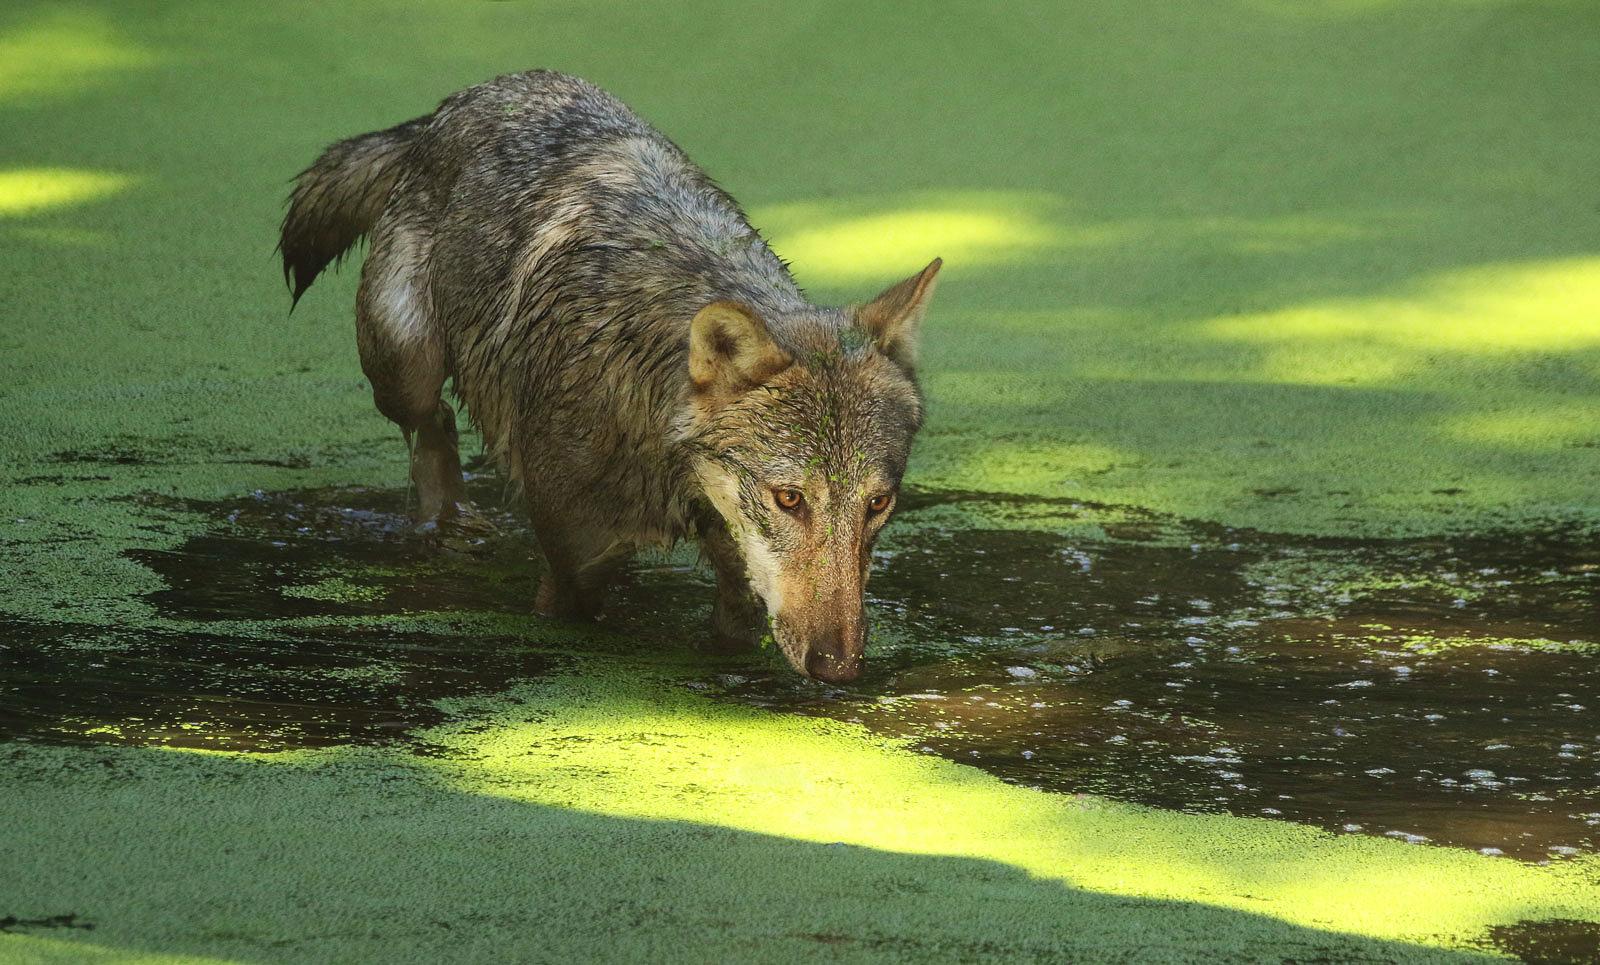 Wölfin im grünen Wasserloch